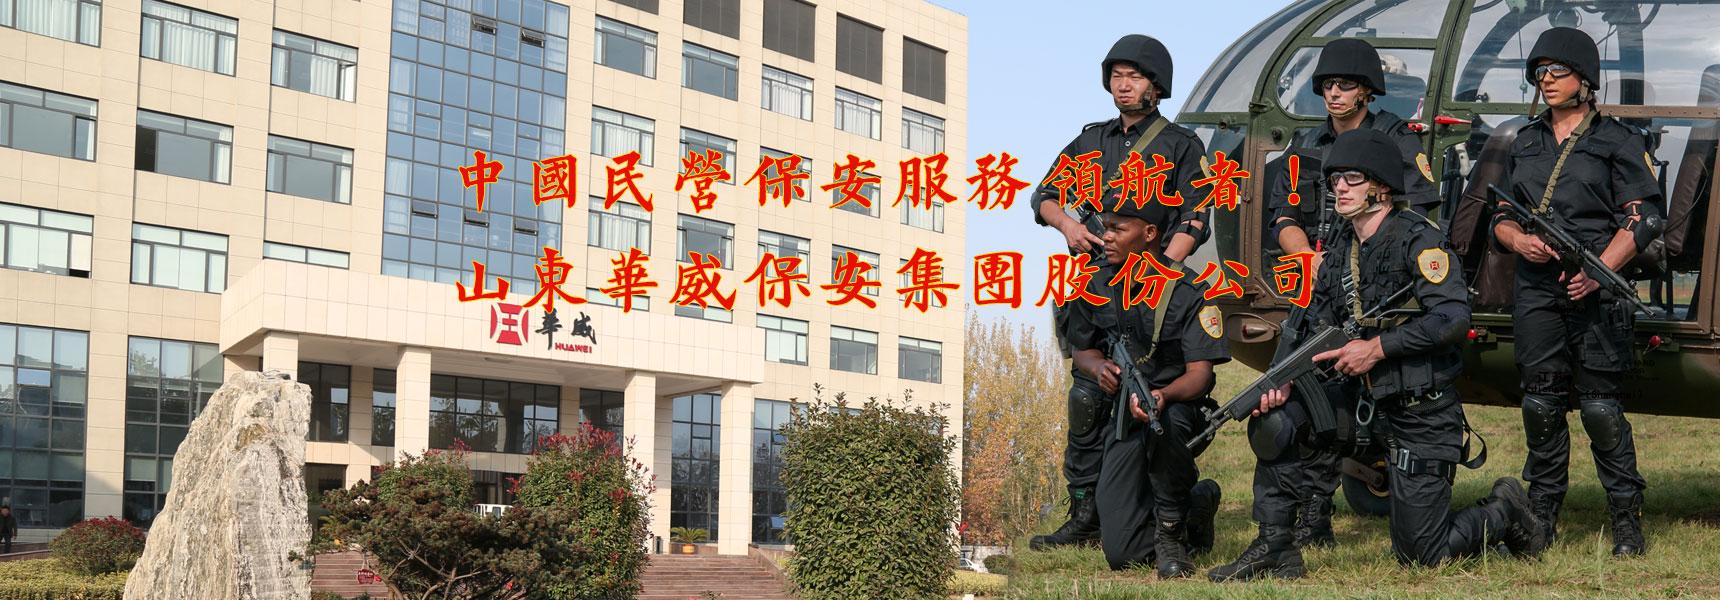 華威保安-全球知名保安集團